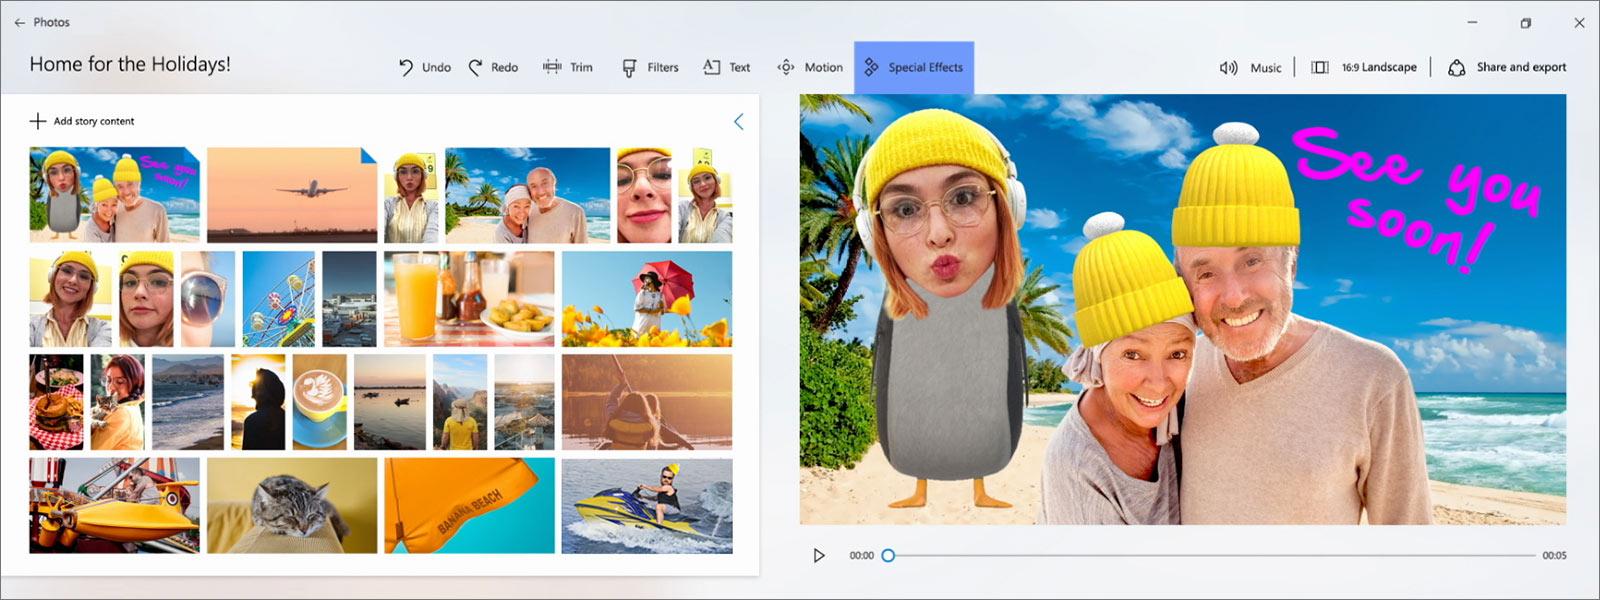 Aplicação Fotografias do Windows 10